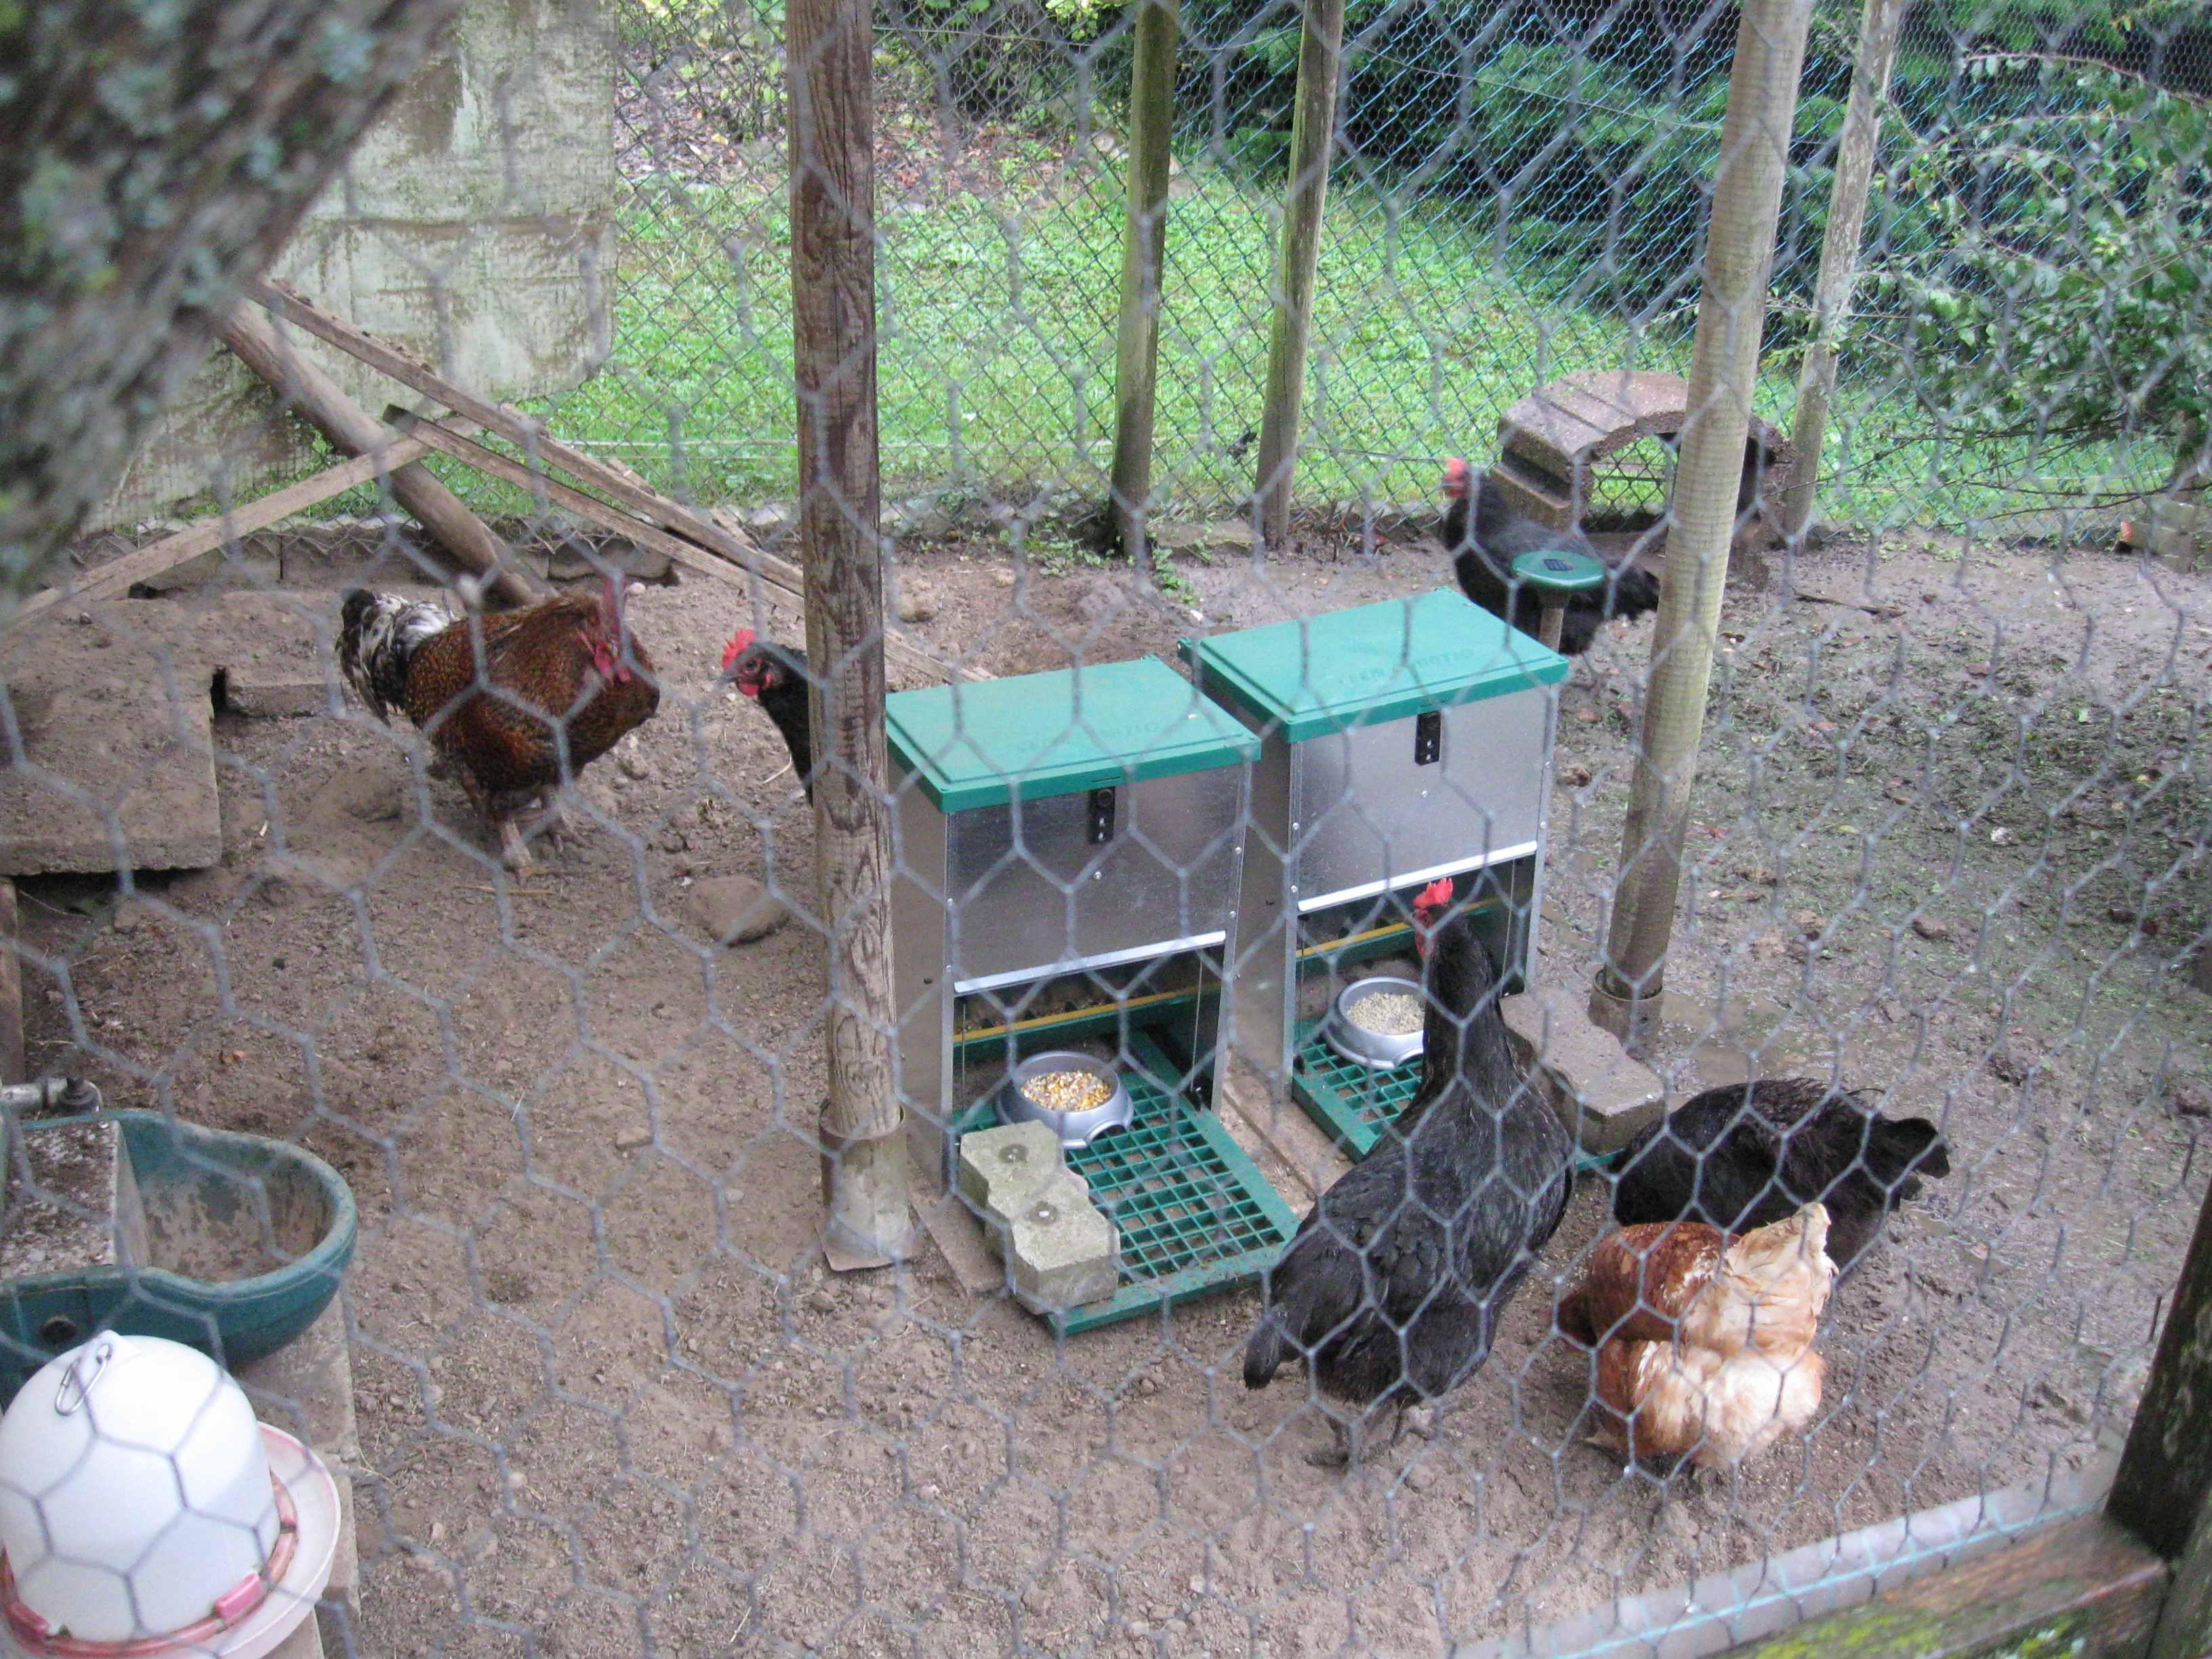 Misstrauisch schauen die Hühner sich die Sache an...